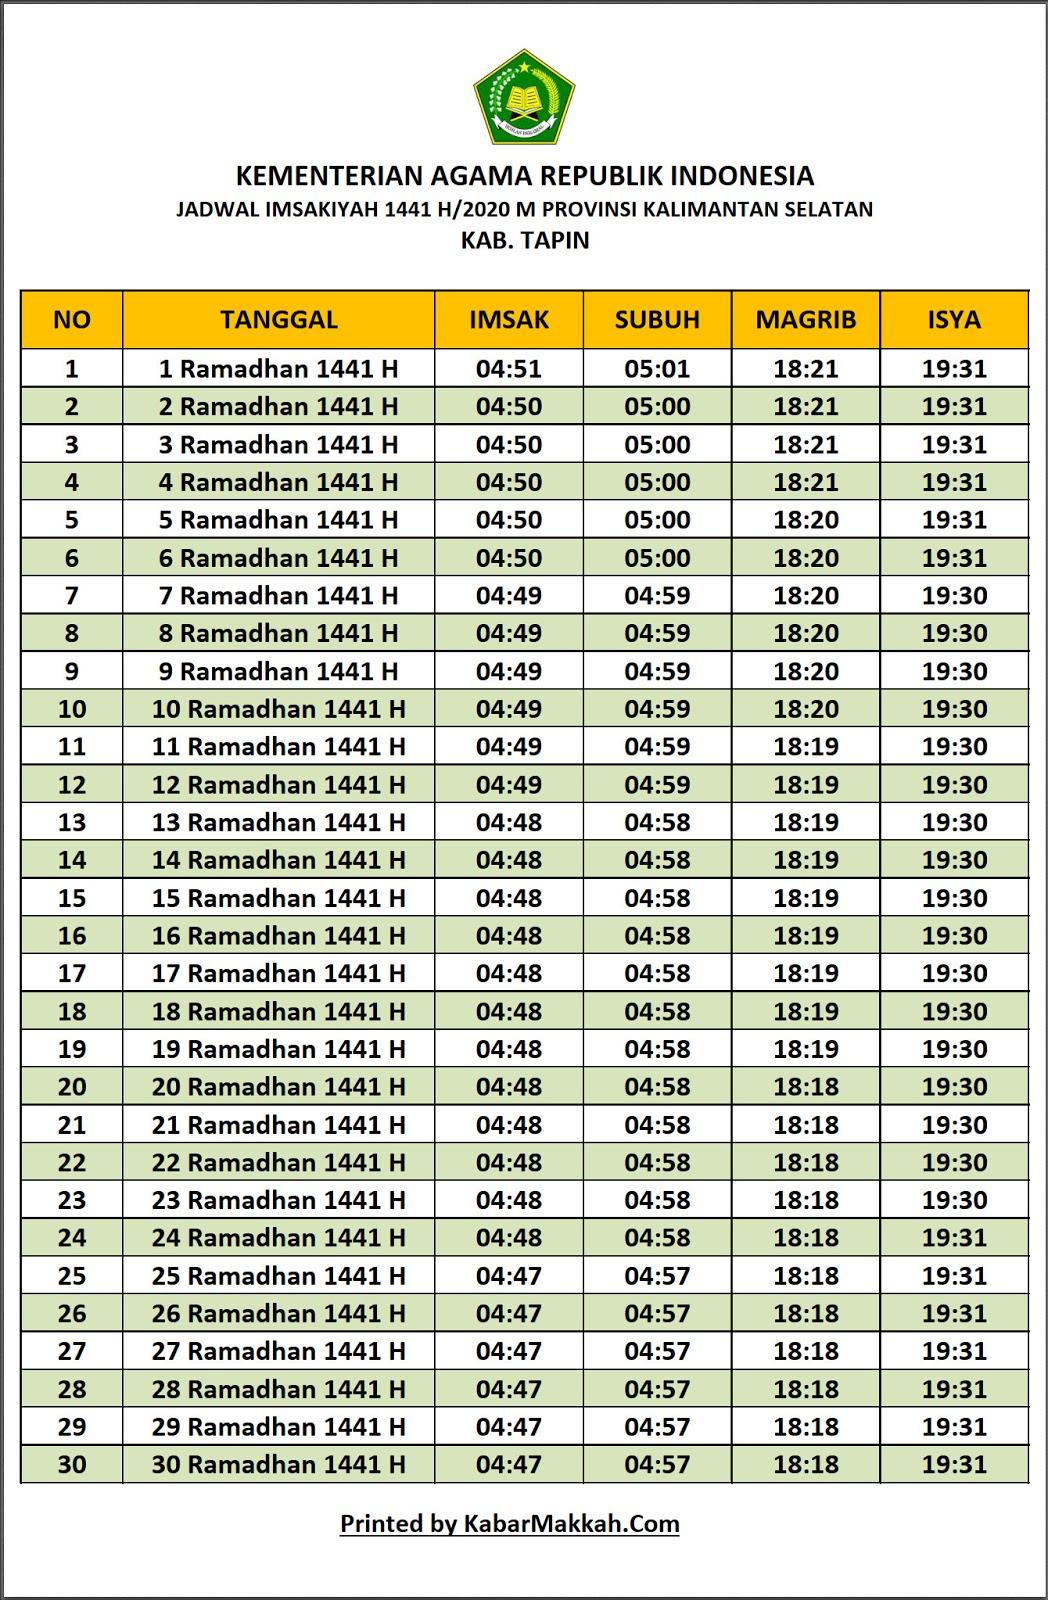 Jadwal Imsakiyah Tapin 2020